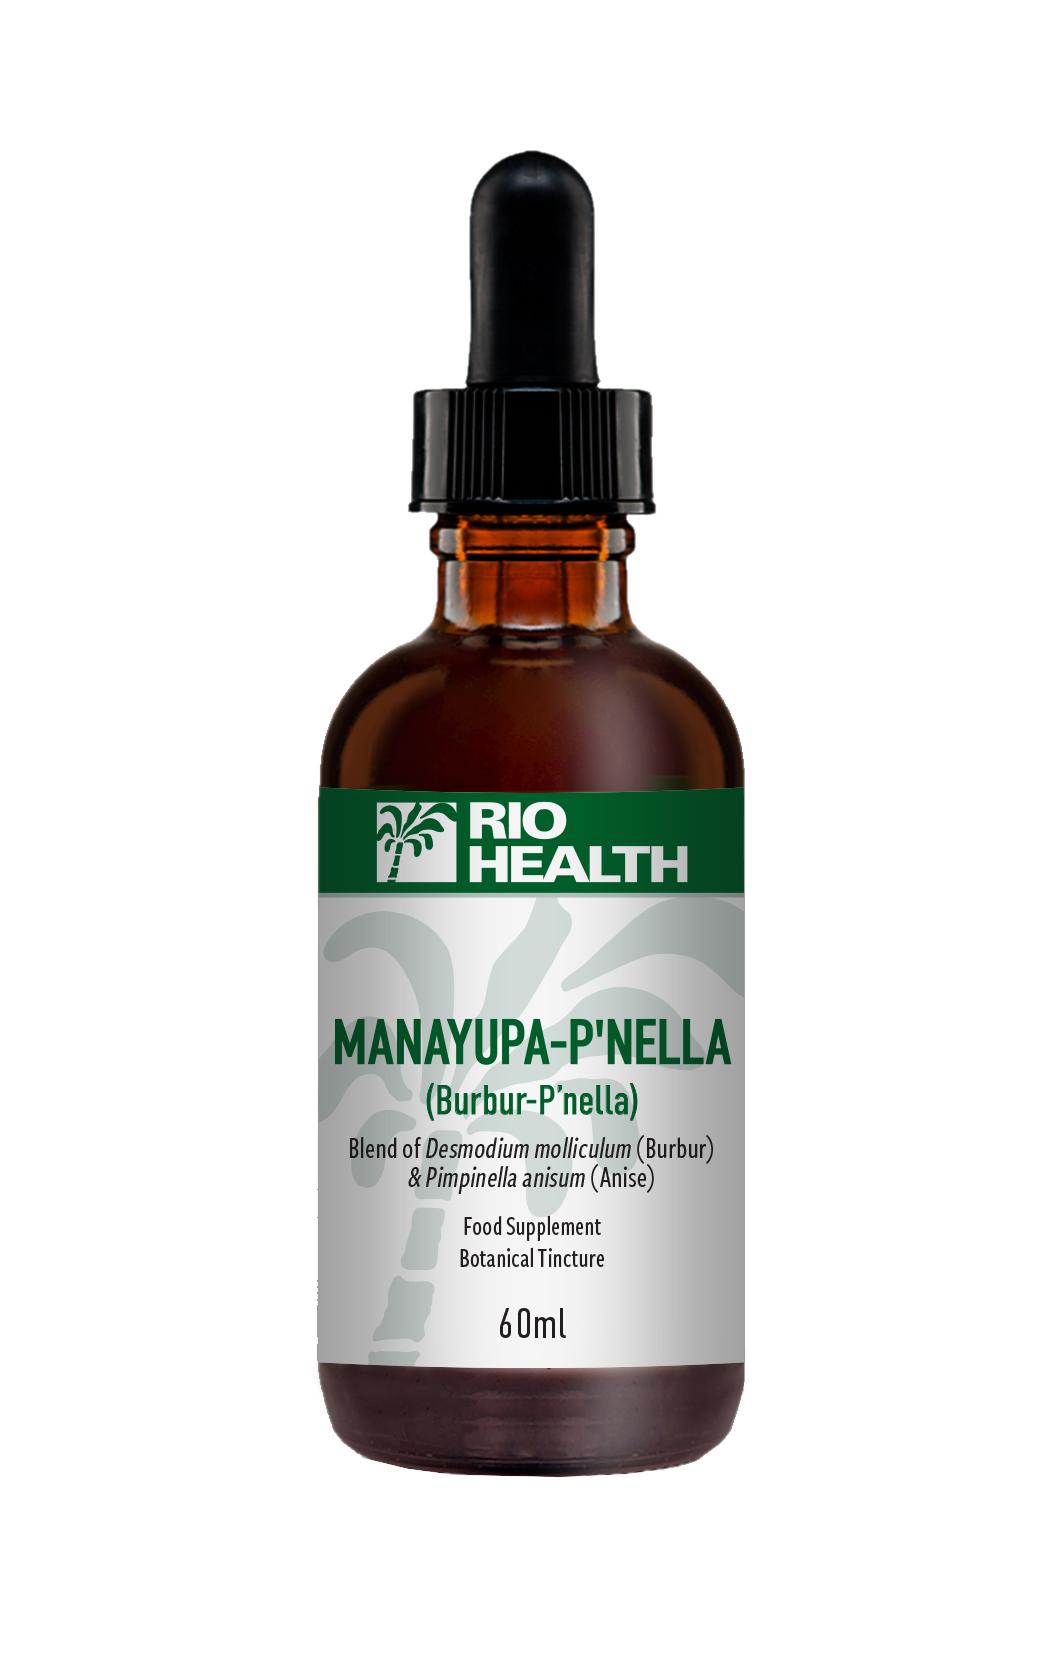 Manayupa-P'nella (Burbur-P'nella) 60ml